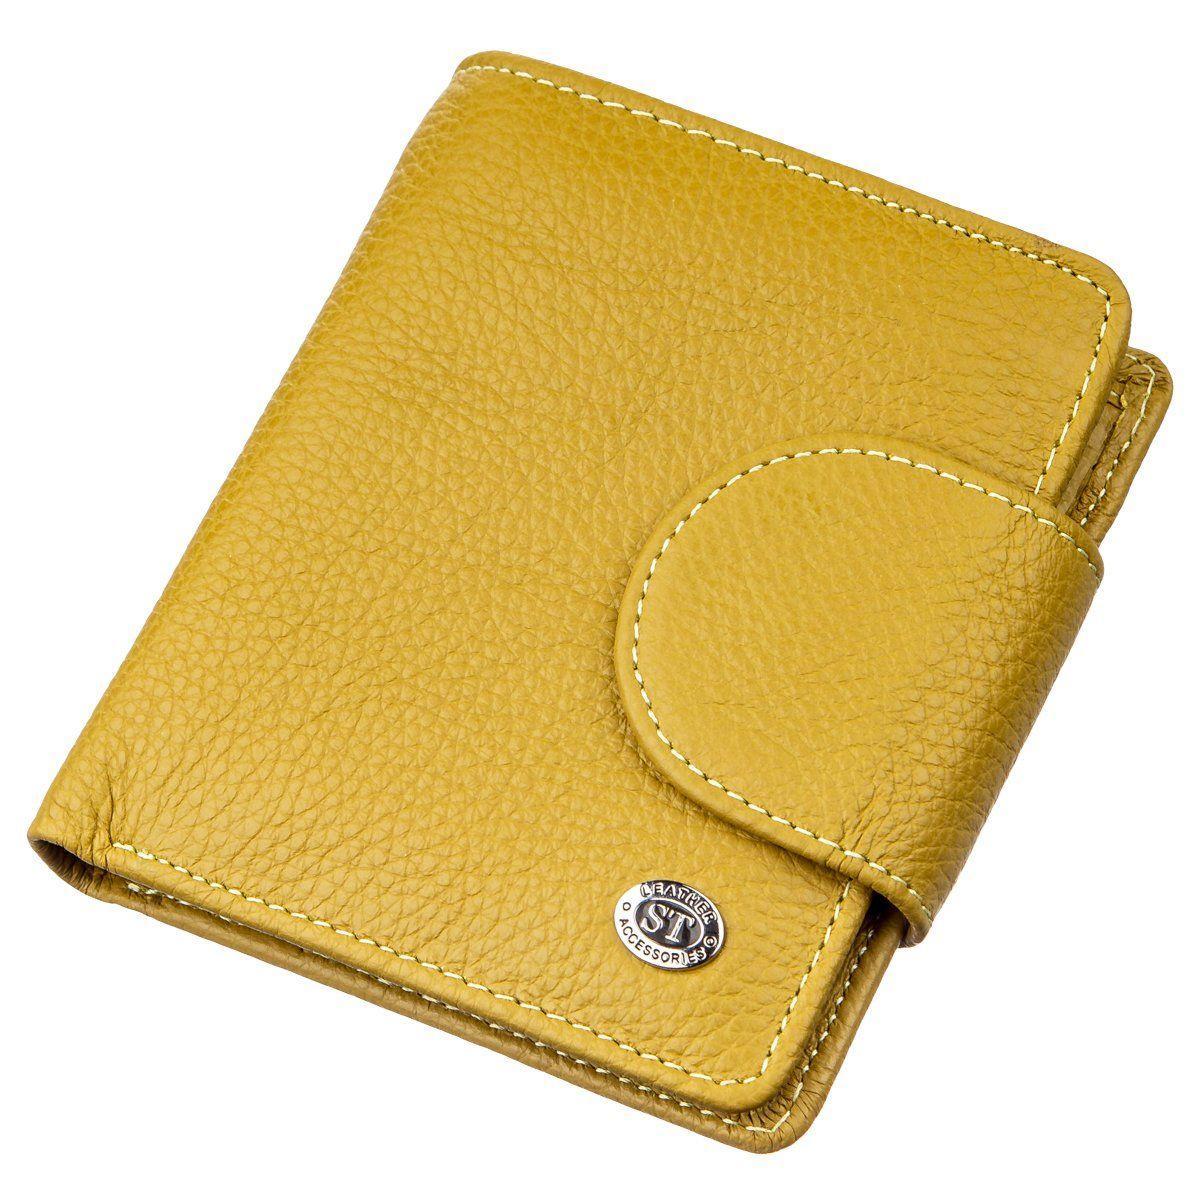 Небольшое портмоне для женщин ST Leather 18924 Горчичный, Желтый